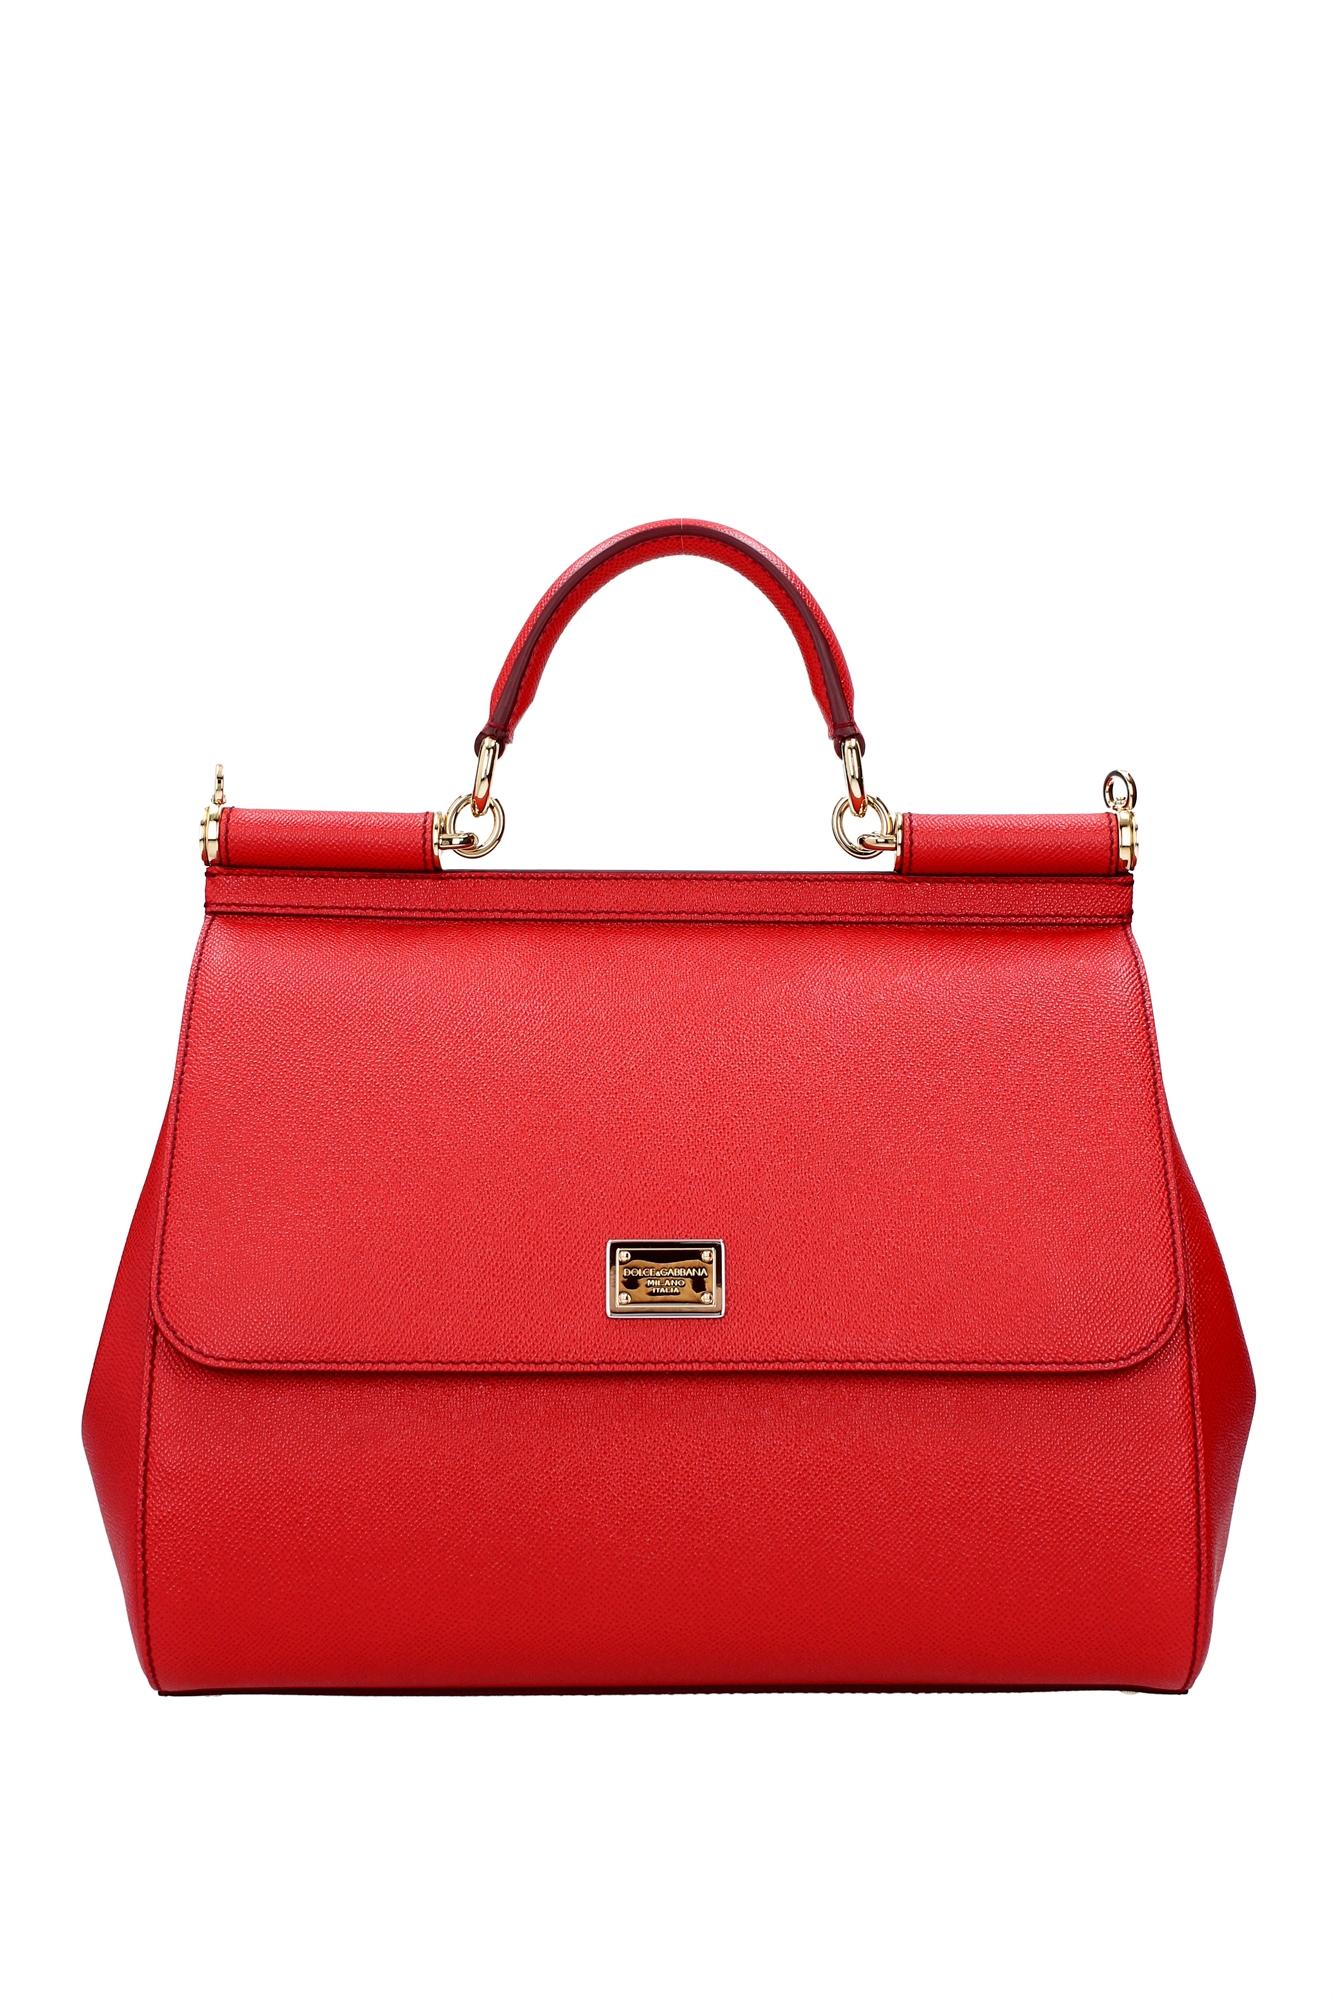 Borse A Mano Dolce E Gabbana : Borse a mano dolce gabbana donna pelle rosso